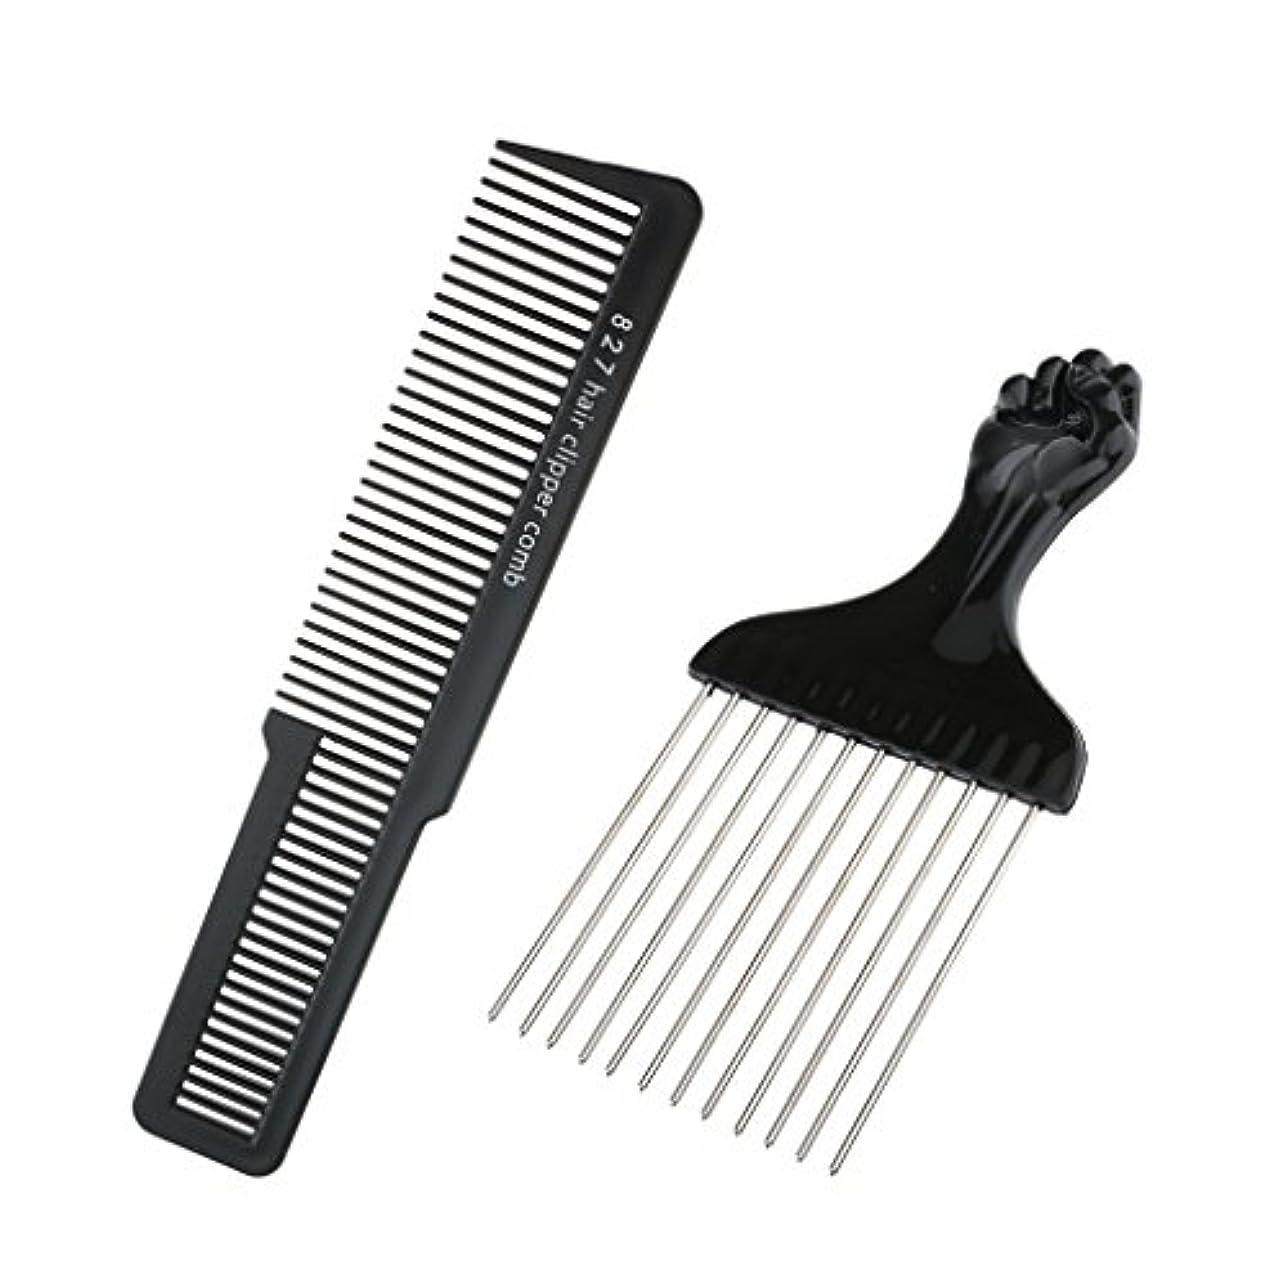 出発不安定な習熟度美容院の理髪師のヘアスタイリングセットの毛の切断のクリッパーの櫛セットが付いている黒いステンレス鋼のアフロピックブラシ